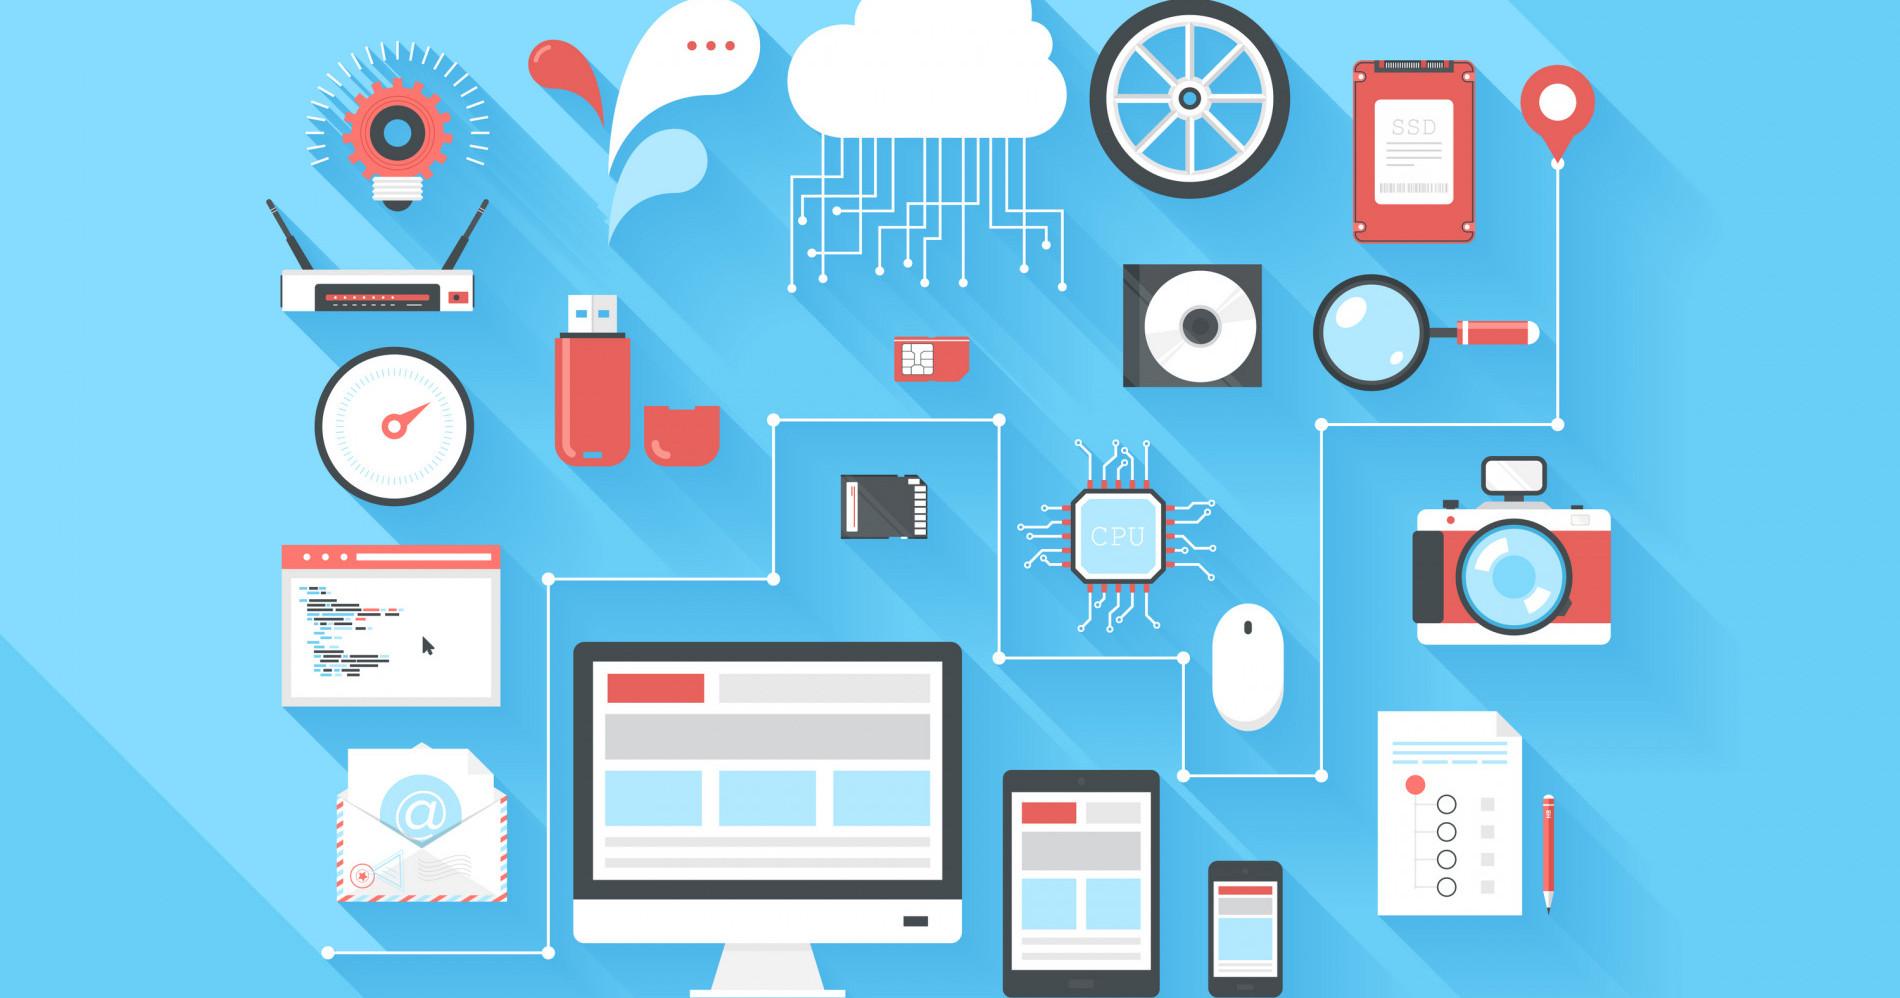 ilustrasi dalam strategi bisnis melalui berbagai media informasi (Sumber gambar : Storyblocks)